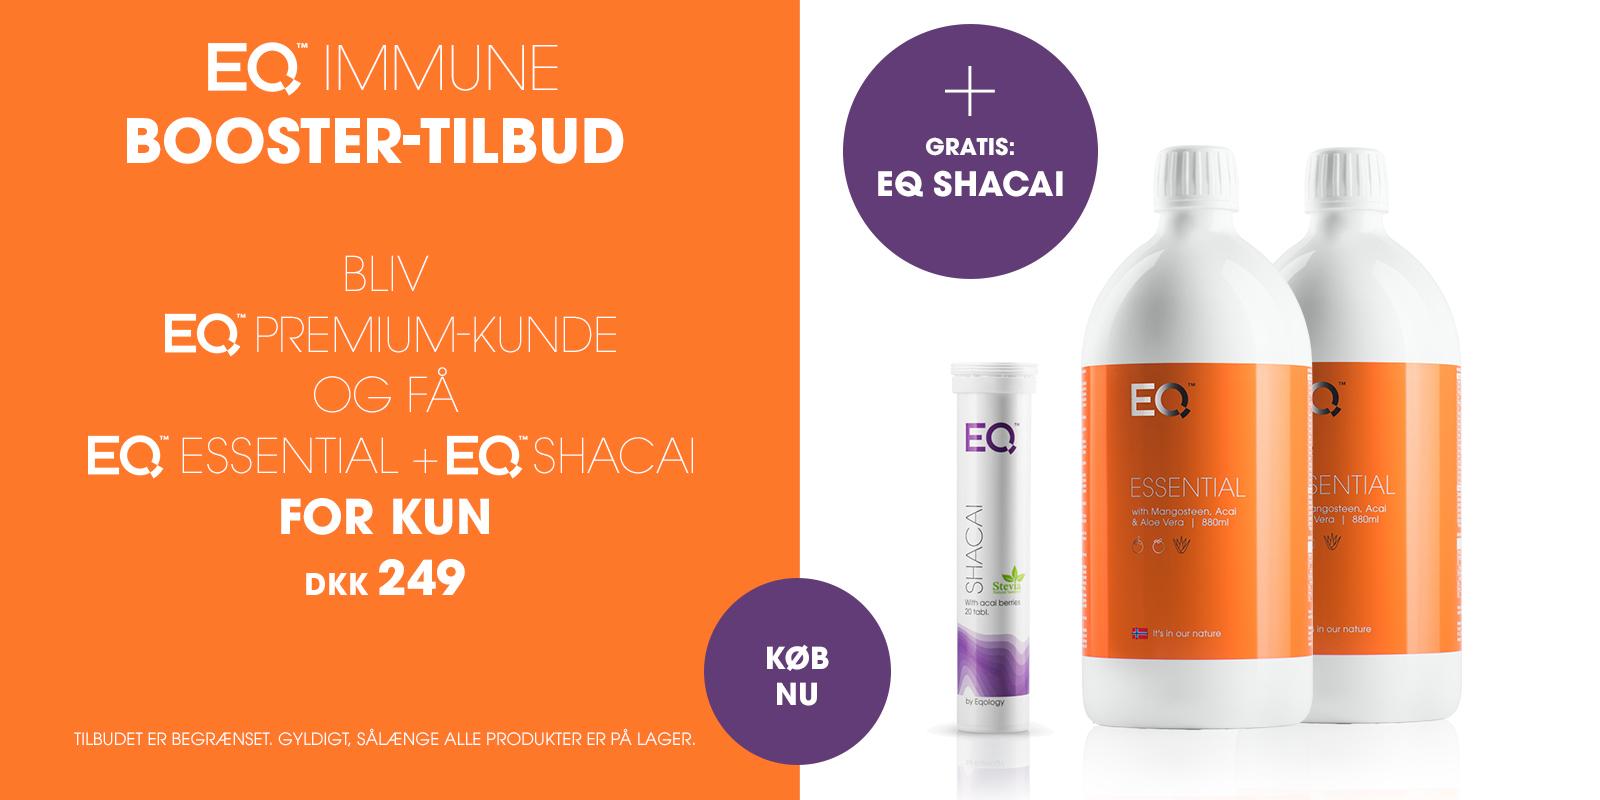 EQ Immune Booster Offer